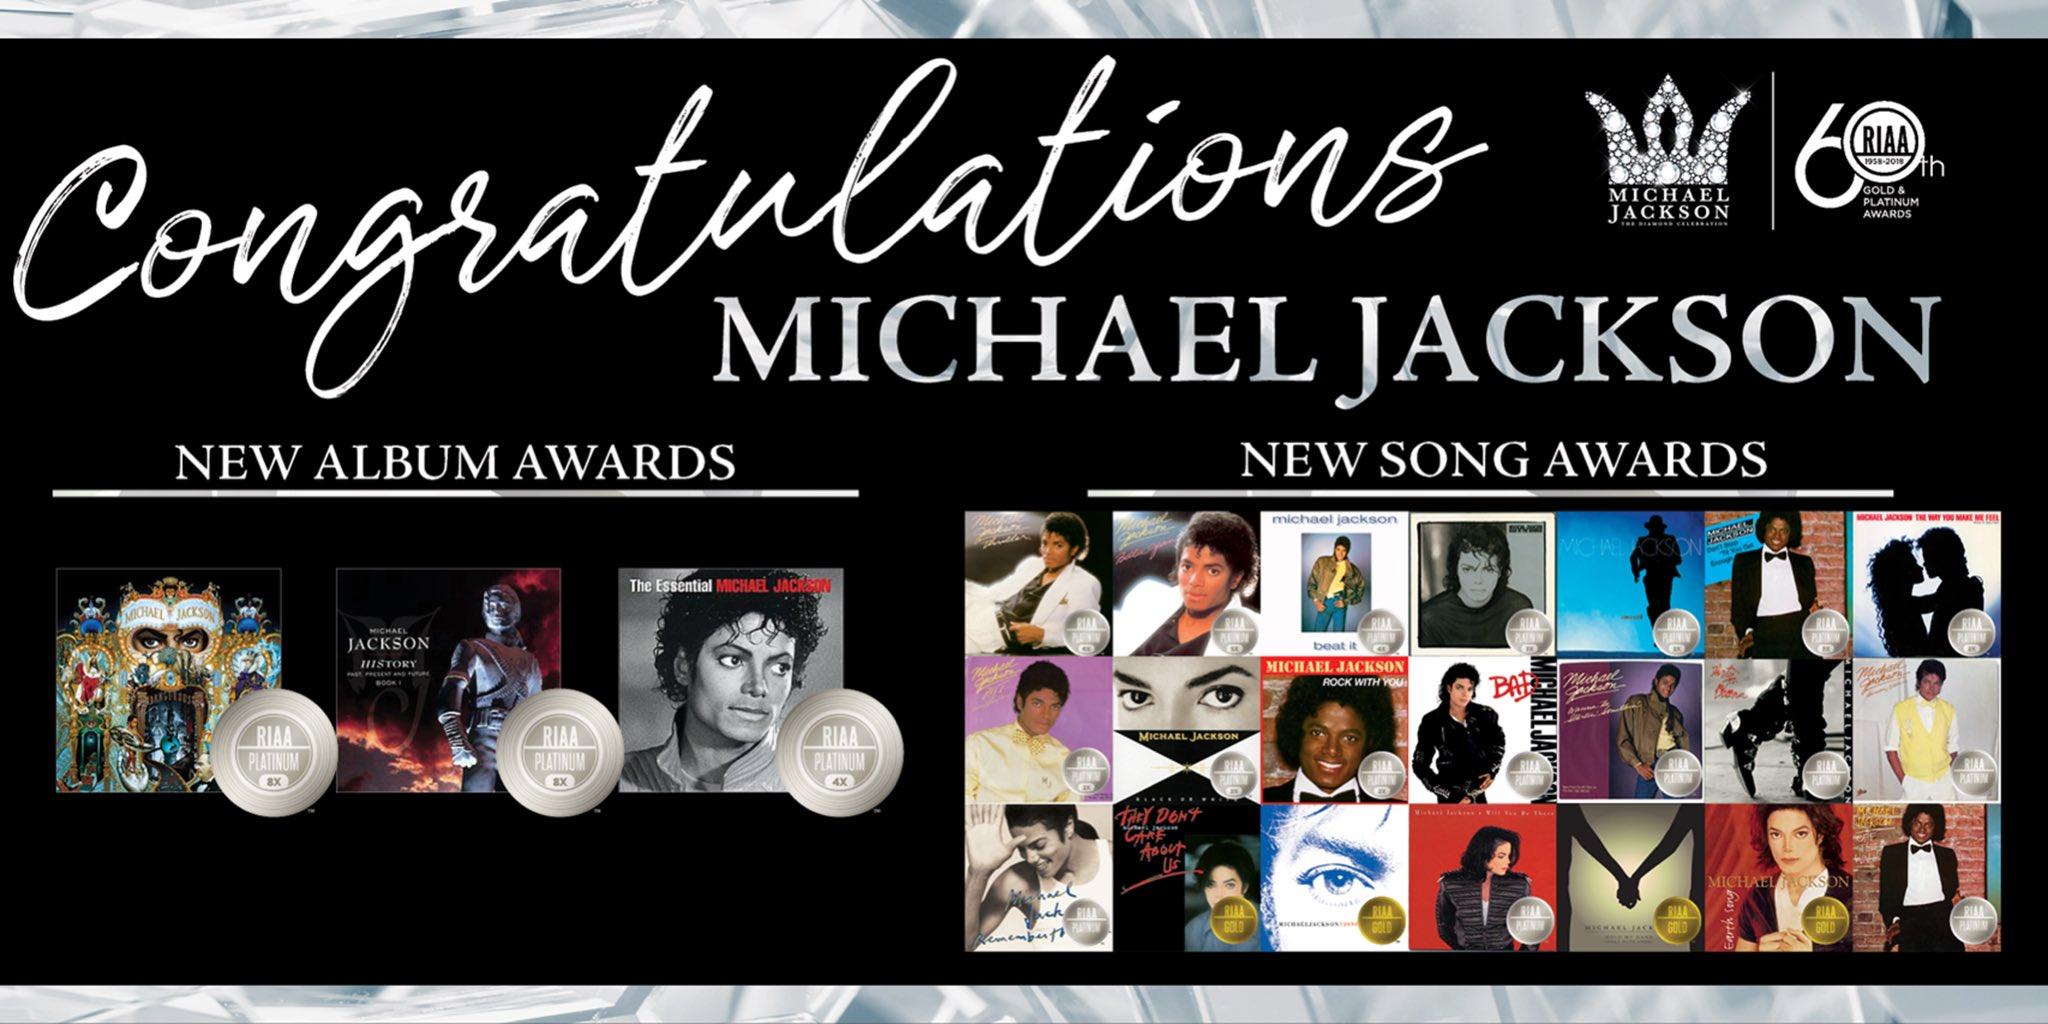 Le catalogue de Michael Jackson remporte de nouveaux prix Gold & Platinum RIAA